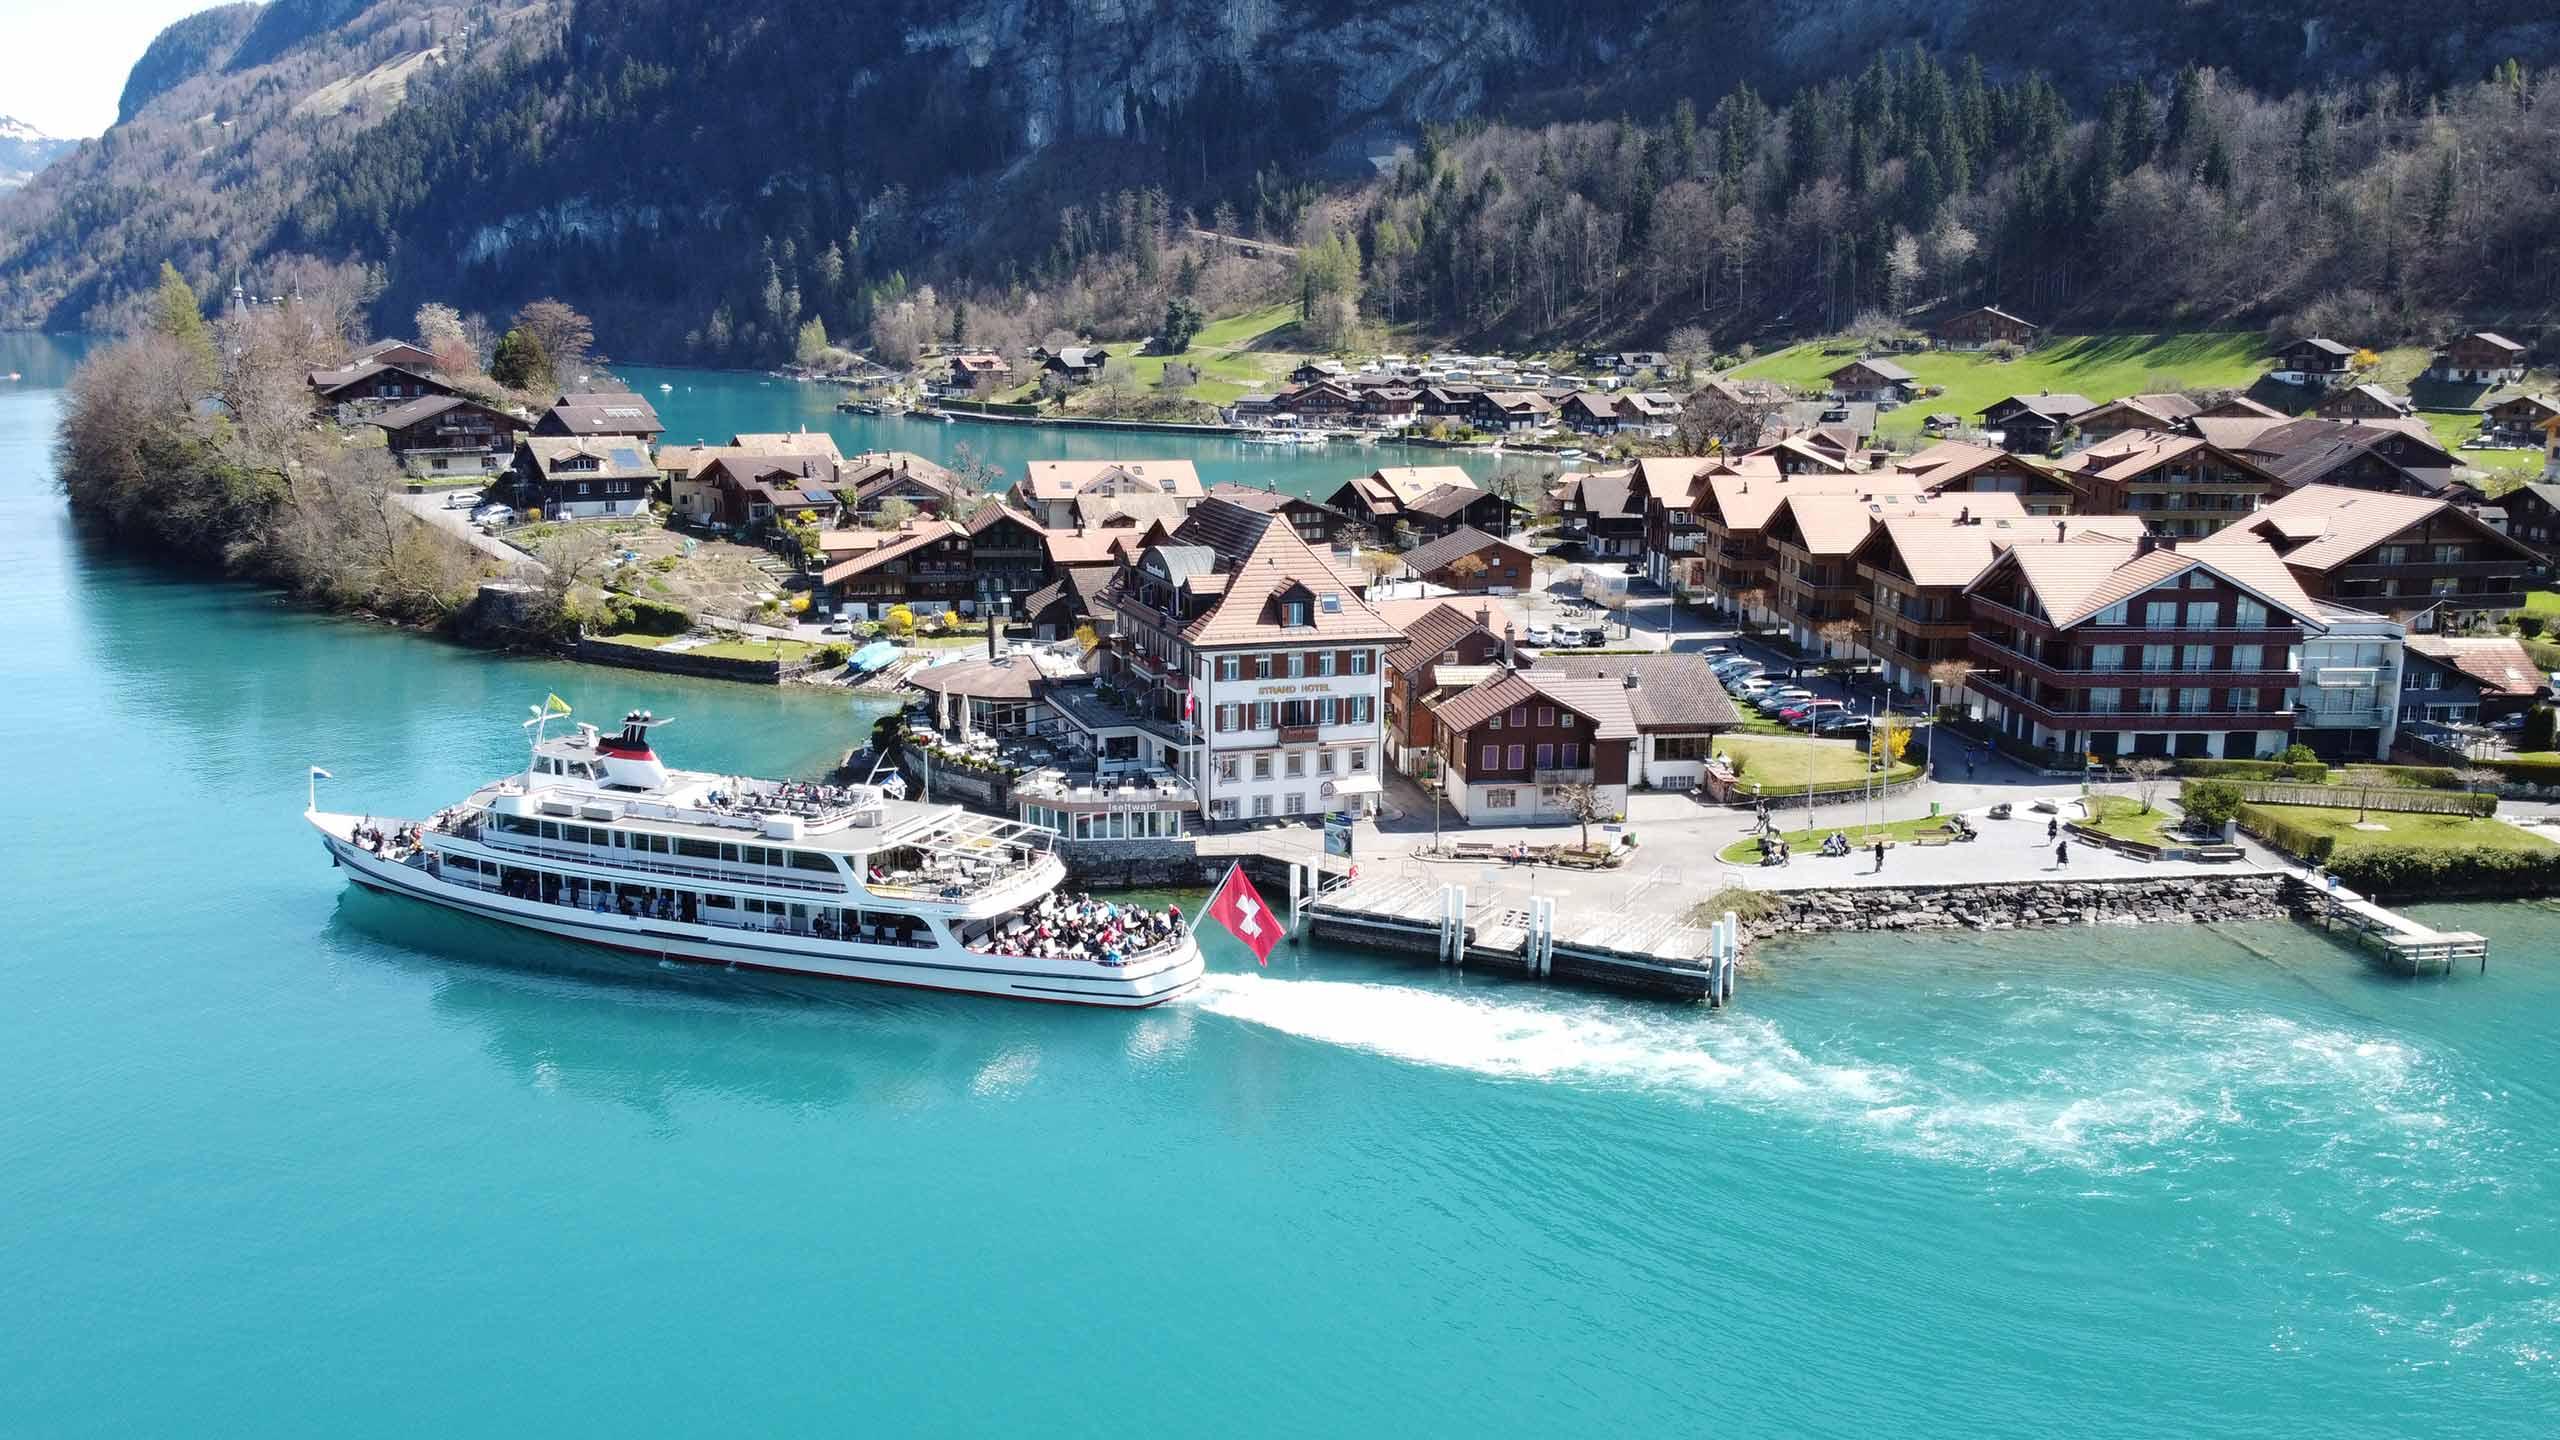 strandhotel-iseltwald-luftbild-schiff-brienzersee.jpg